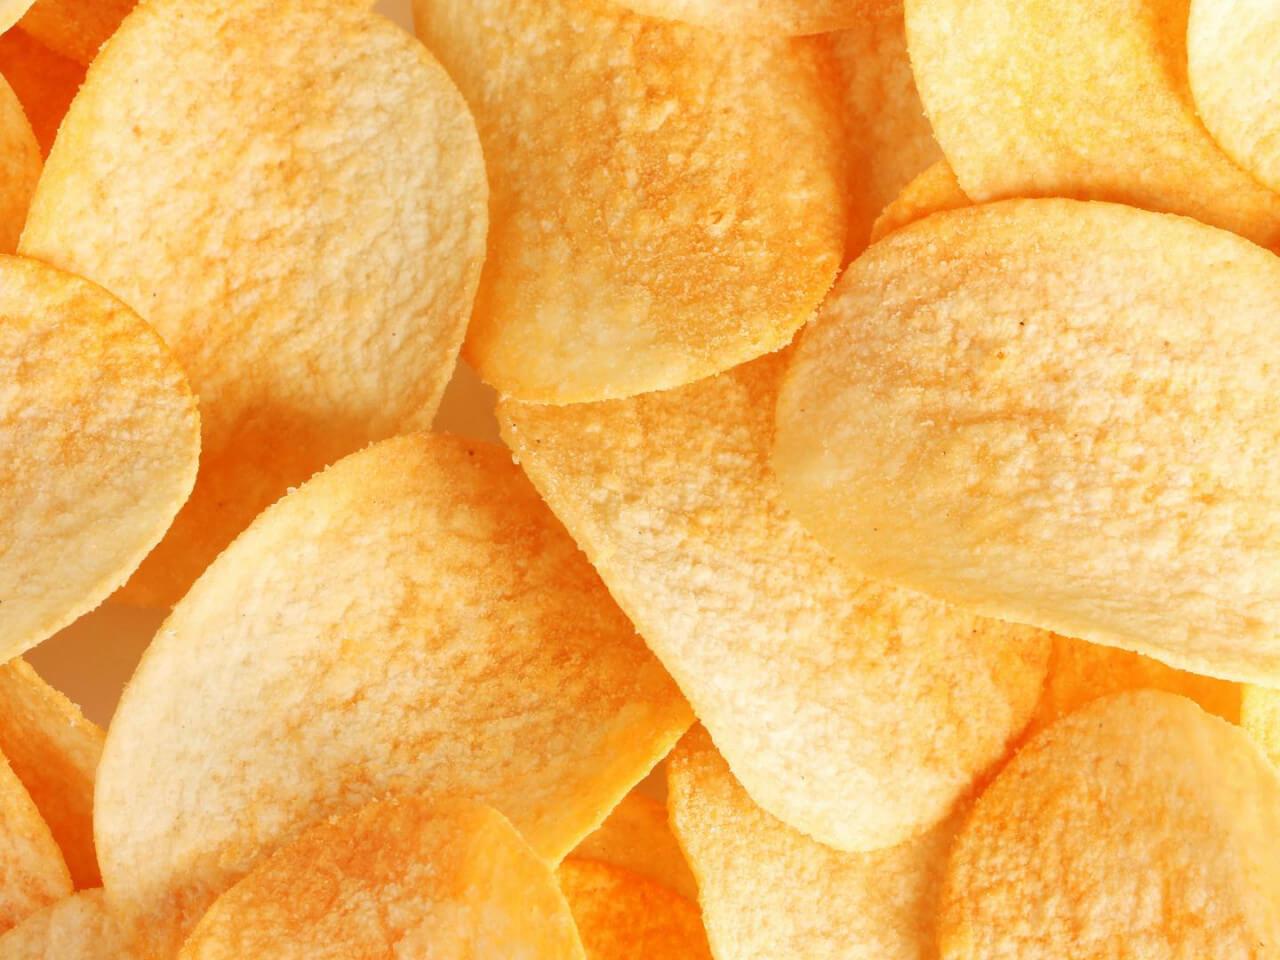 Ürdün Patates Cipsi İthalatına Yönelik Korunma Önlemleri Soruşturması Başlattı